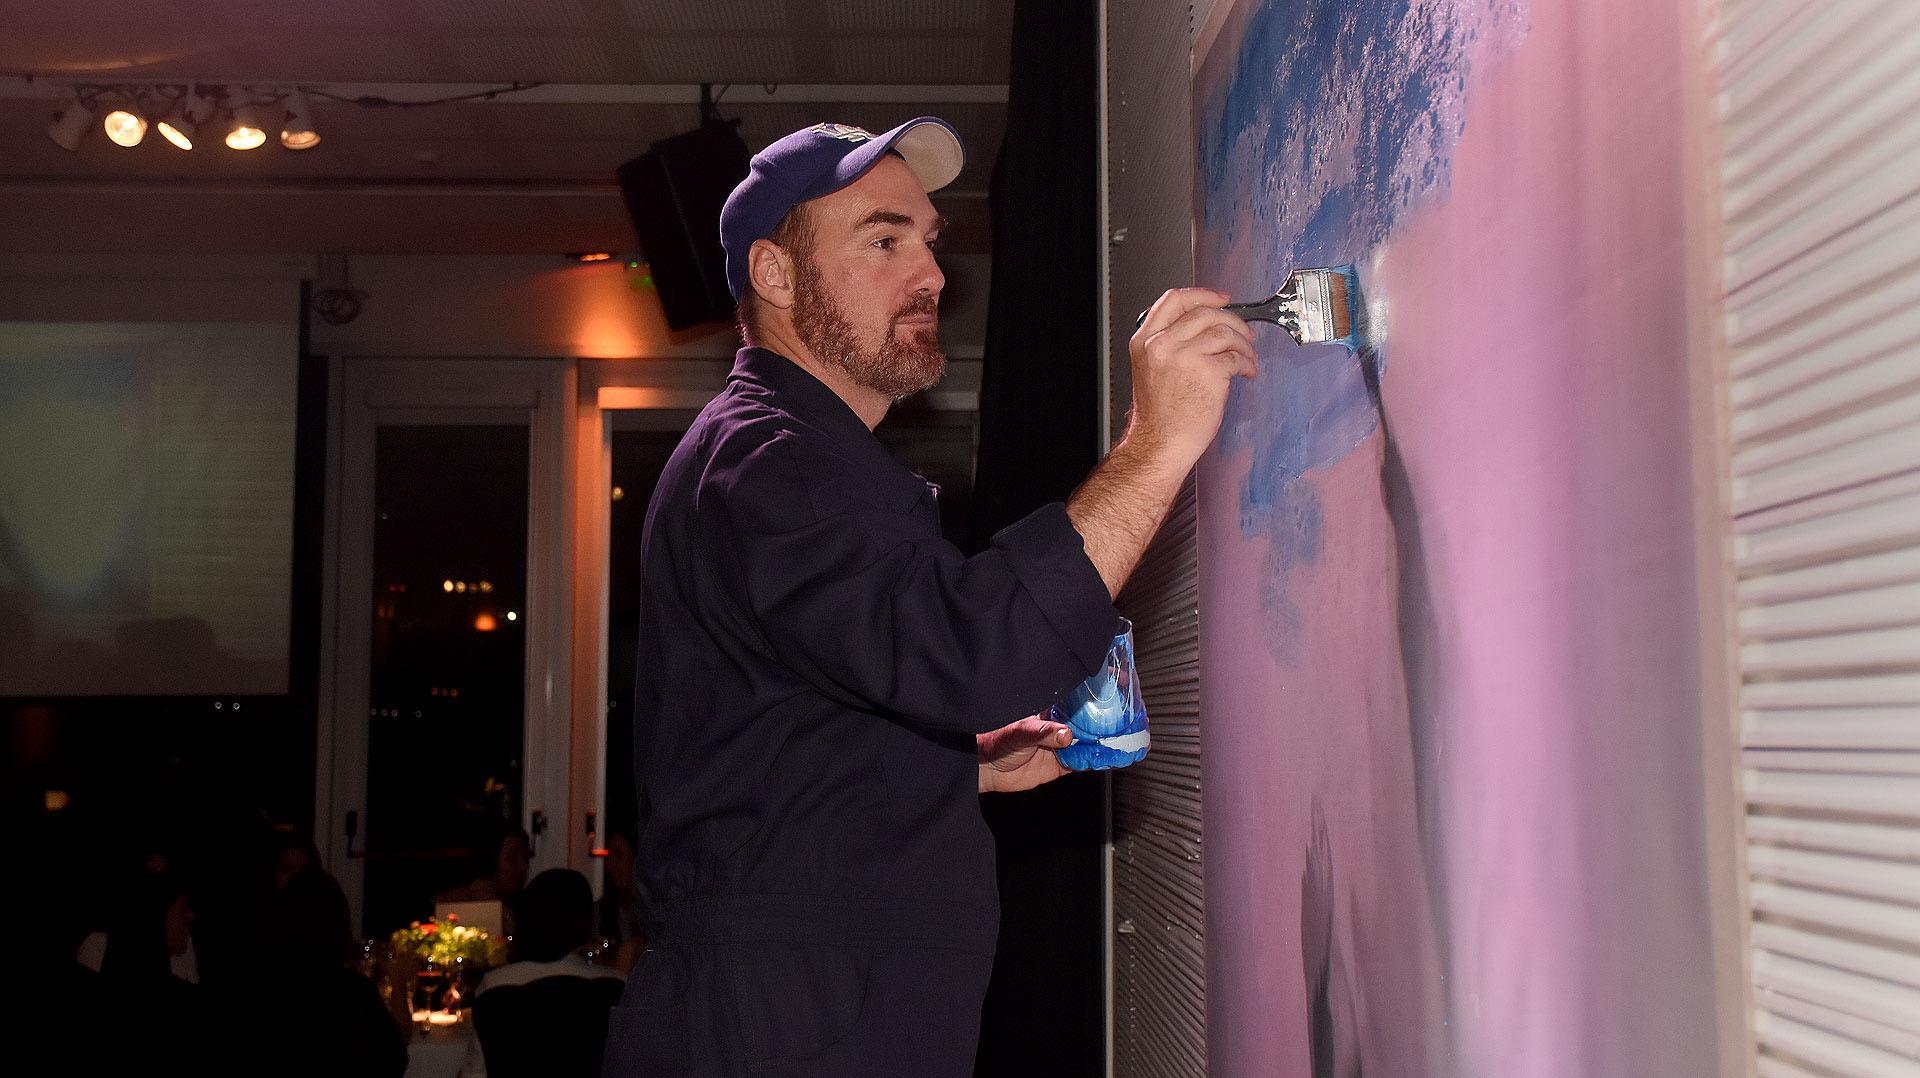 Para cerrar la noche, se sorteó un cuadro del artista Miguel Brea, que fue pintado en vivo durante la cena /// Fotos: Nicolás Stulberg